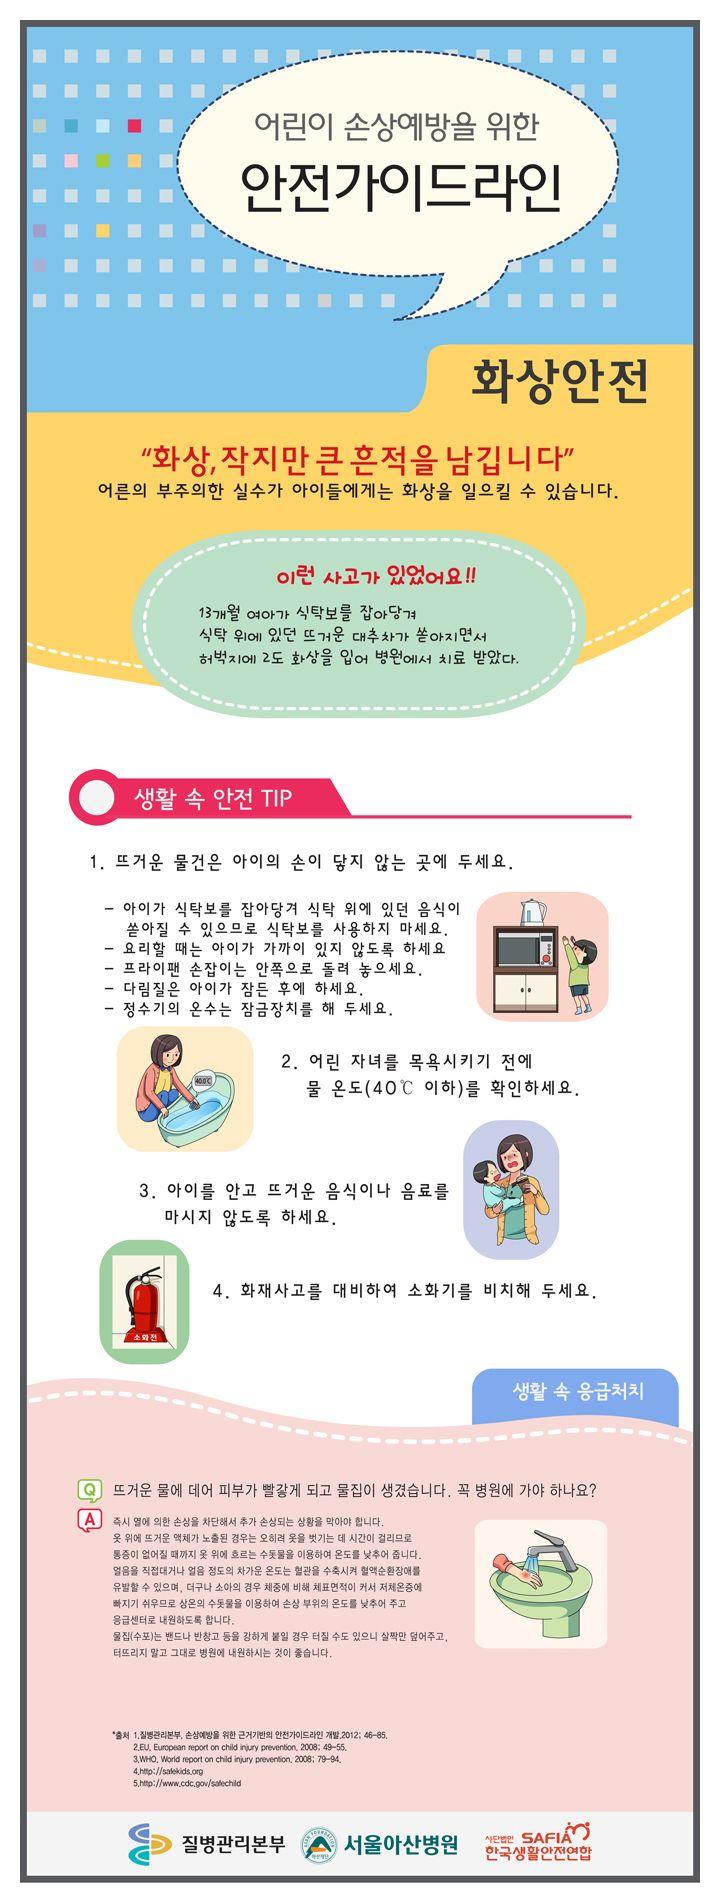 손상예방을 위한 어린이 안전가이드라인_화상안전(웹진)